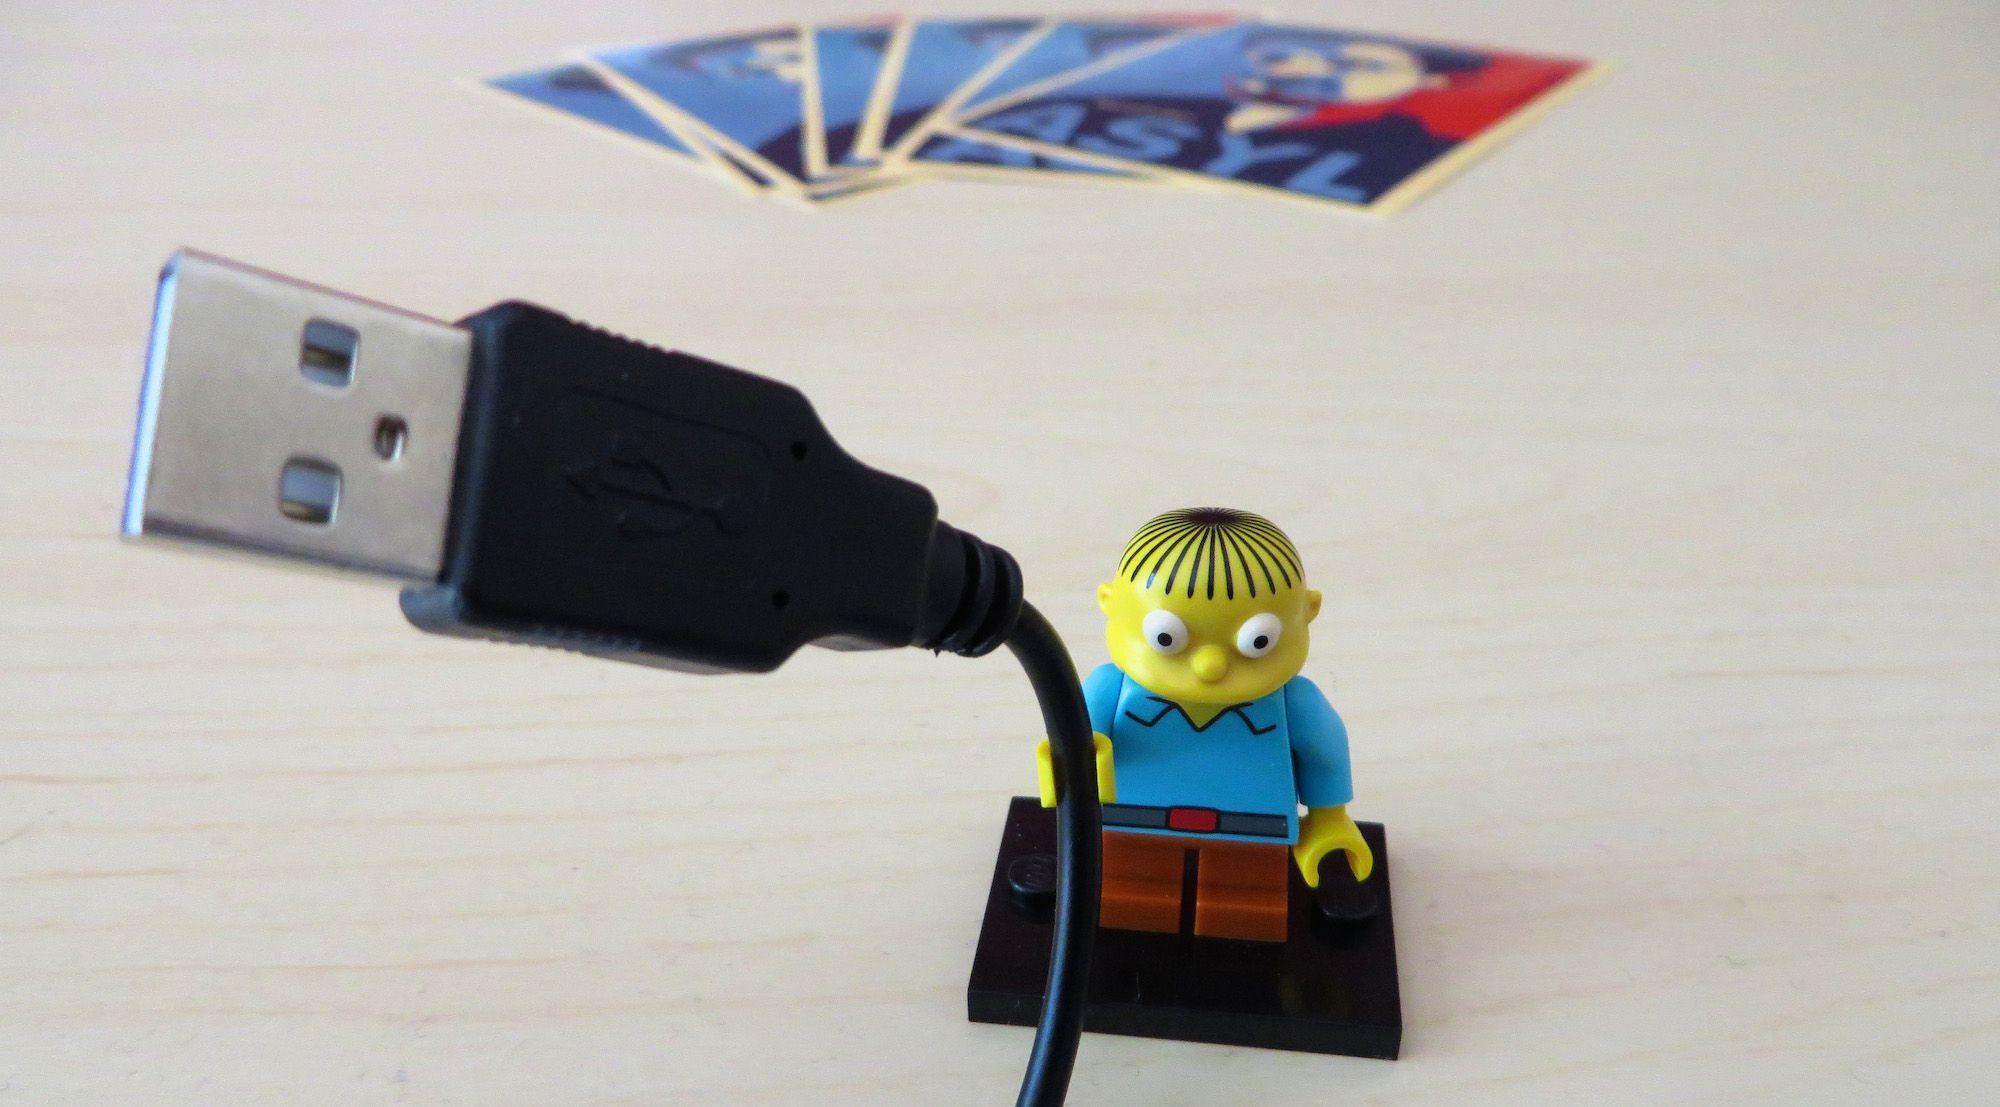 Von wegen LEGO ist nur Spielzeug!